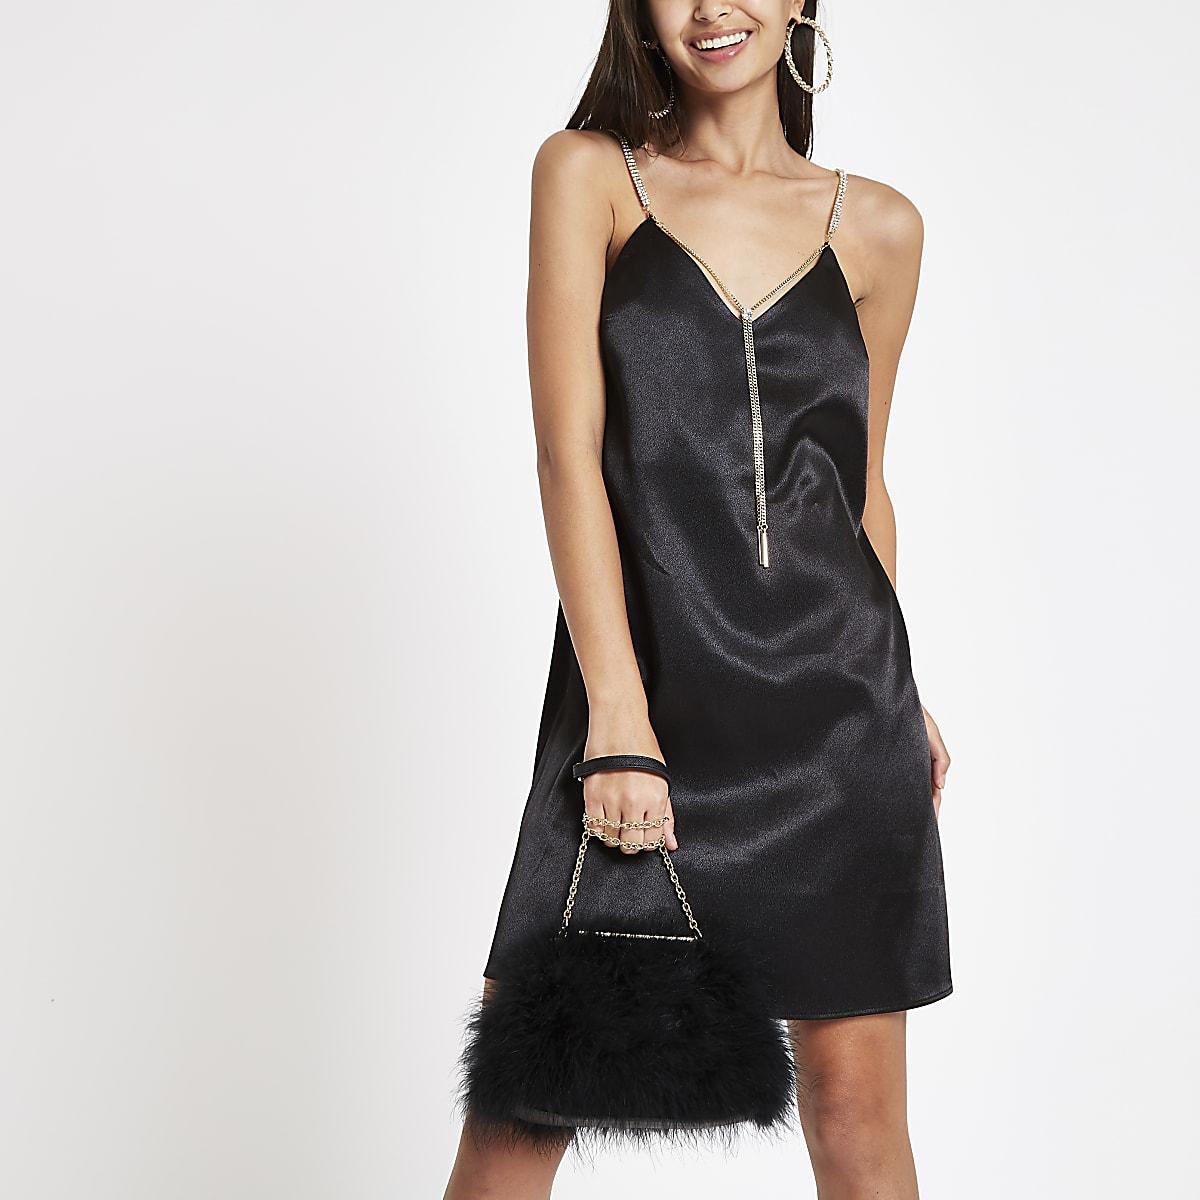 Black satin chain strap slip dress